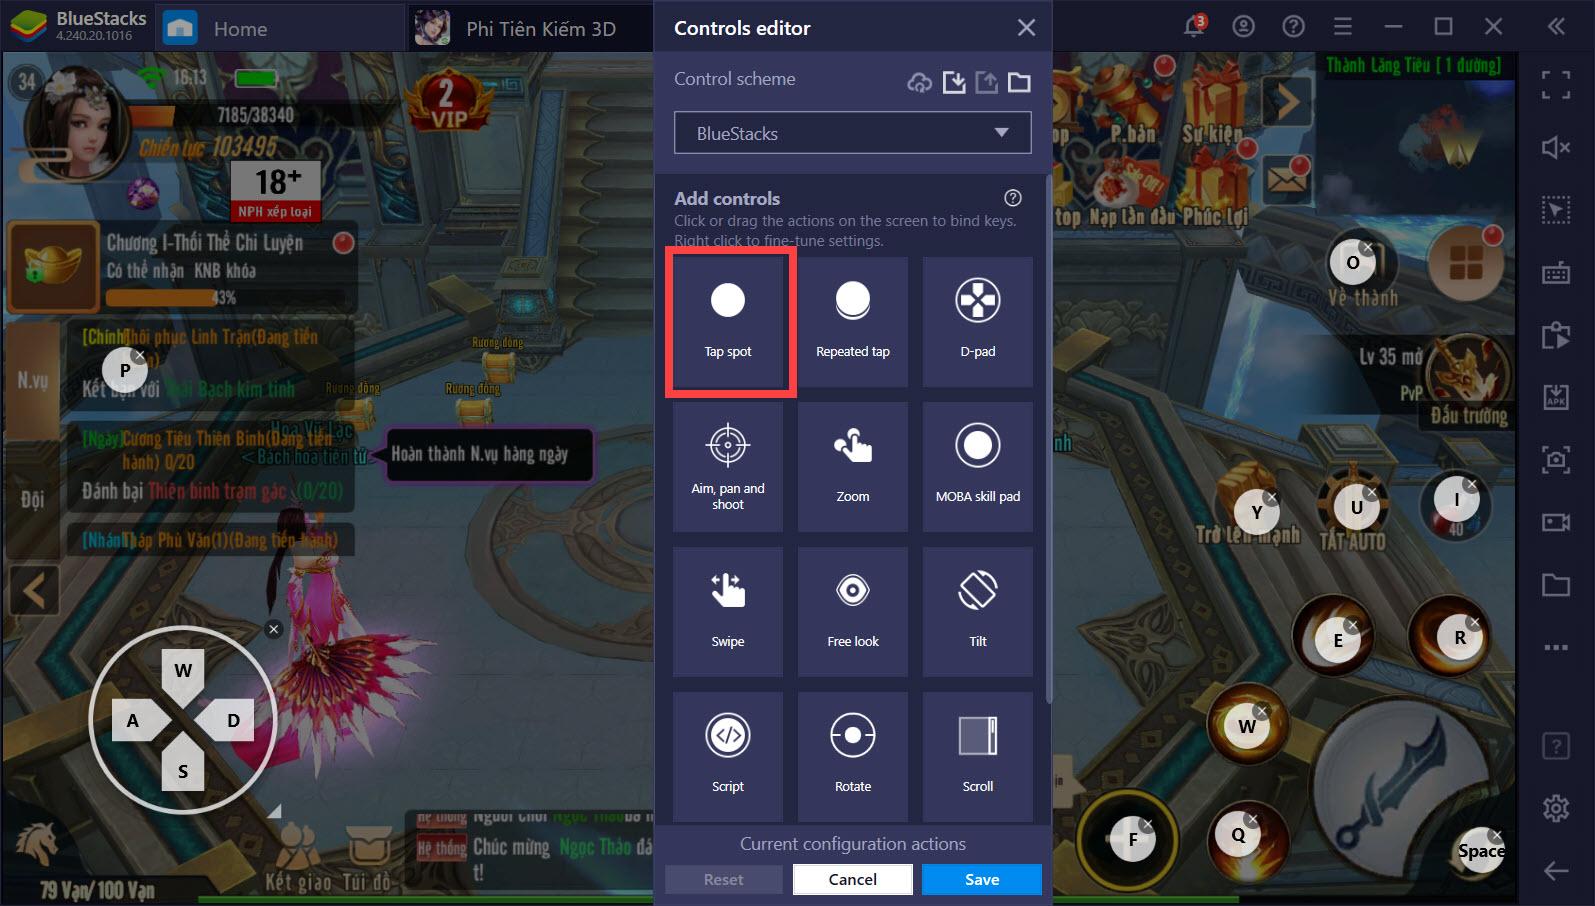 Combo hoàn hảo song hành cùng Phi Tiên Kiếm 3D với Game Controls